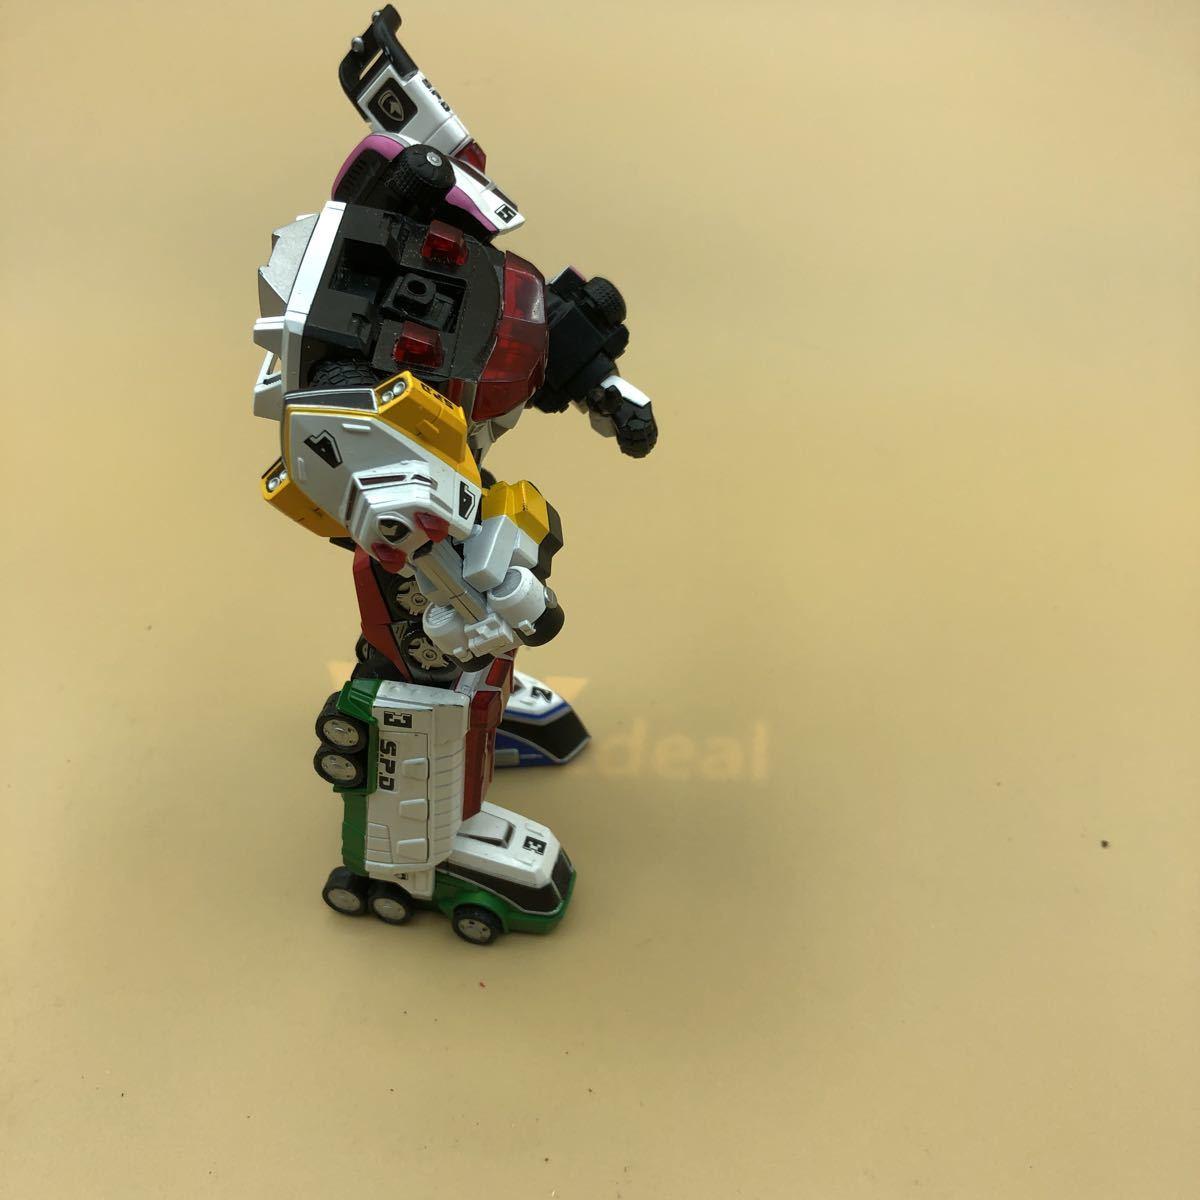 戦隊シリーズ スーパーロボット超合金 特捜戦隊デカレンジャー デカレンジャーロボ パーツ欠損有_画像7